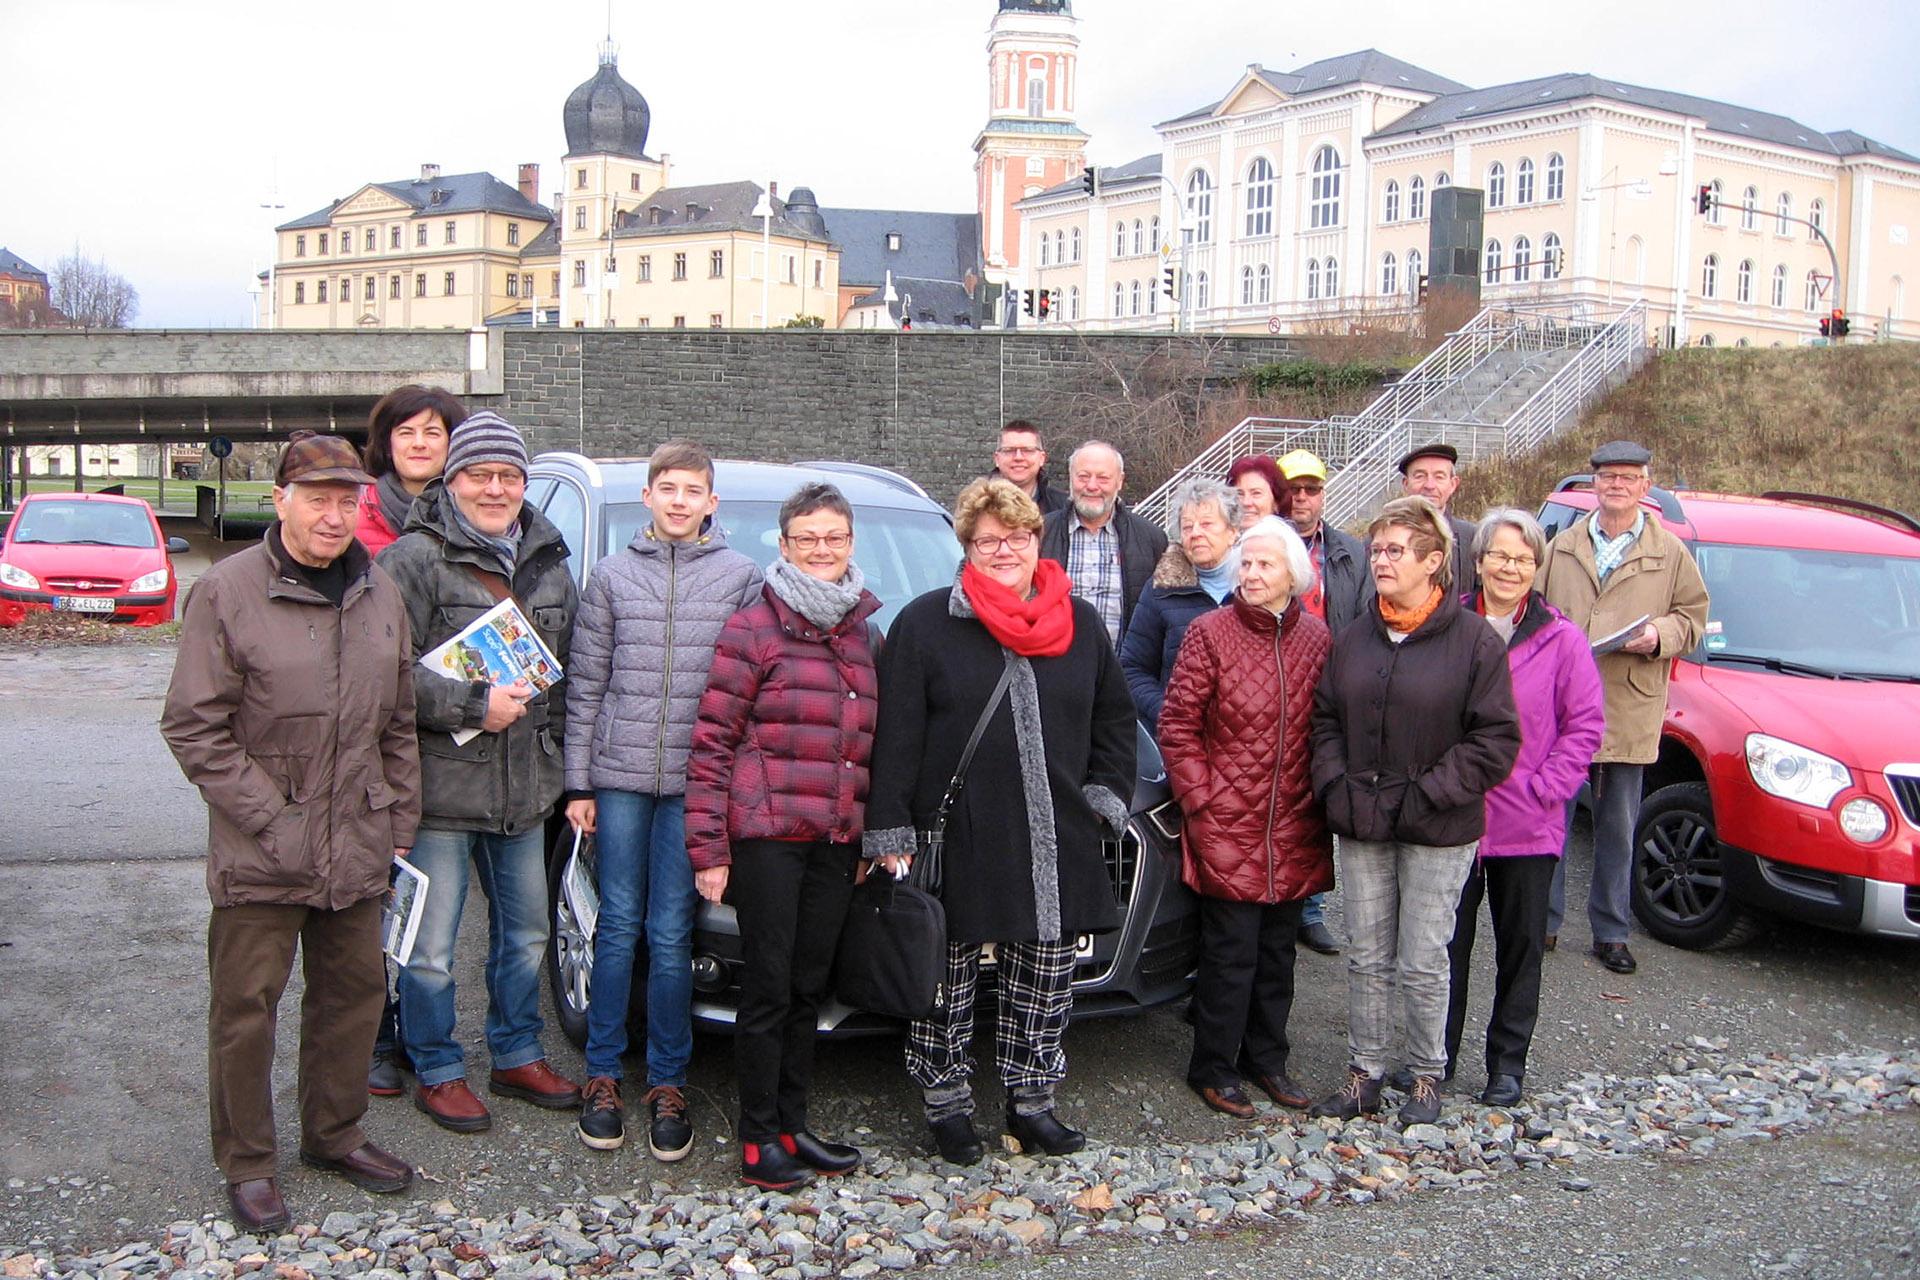 MC Greiz lud zur touristischen Zielfahrt ein